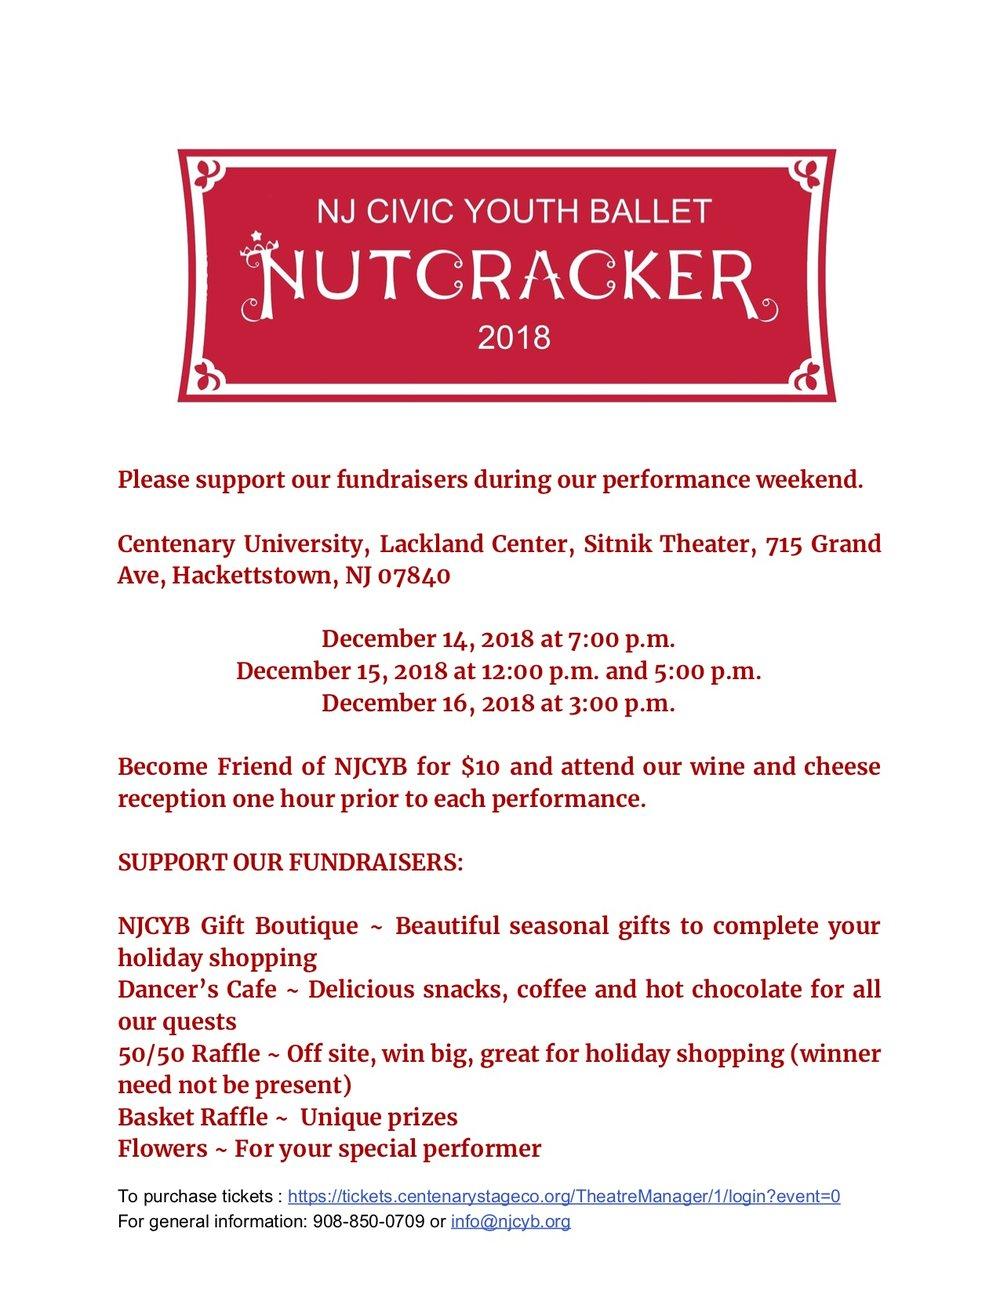 Copy of Nutcracker Flyer for Fundraising (1).jpg